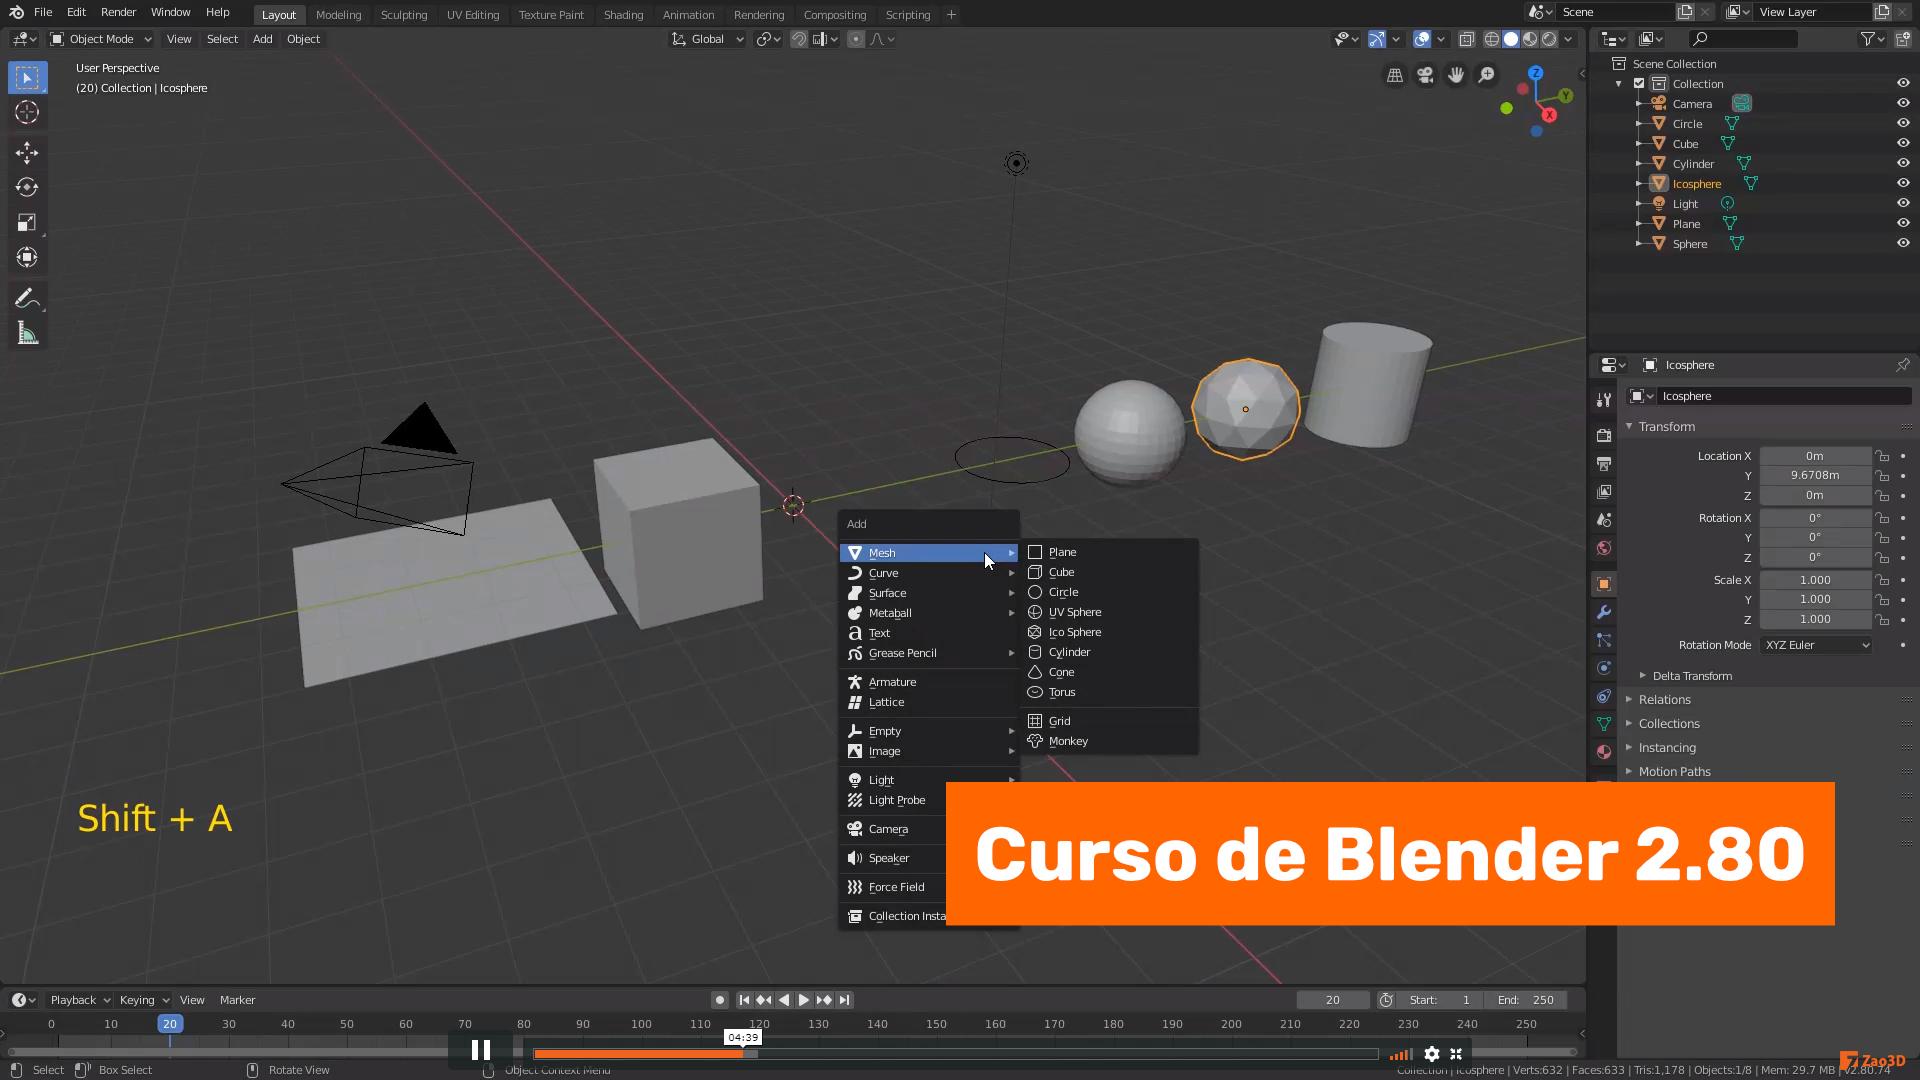 Añadir y eliminar objetos en Blender 2.80